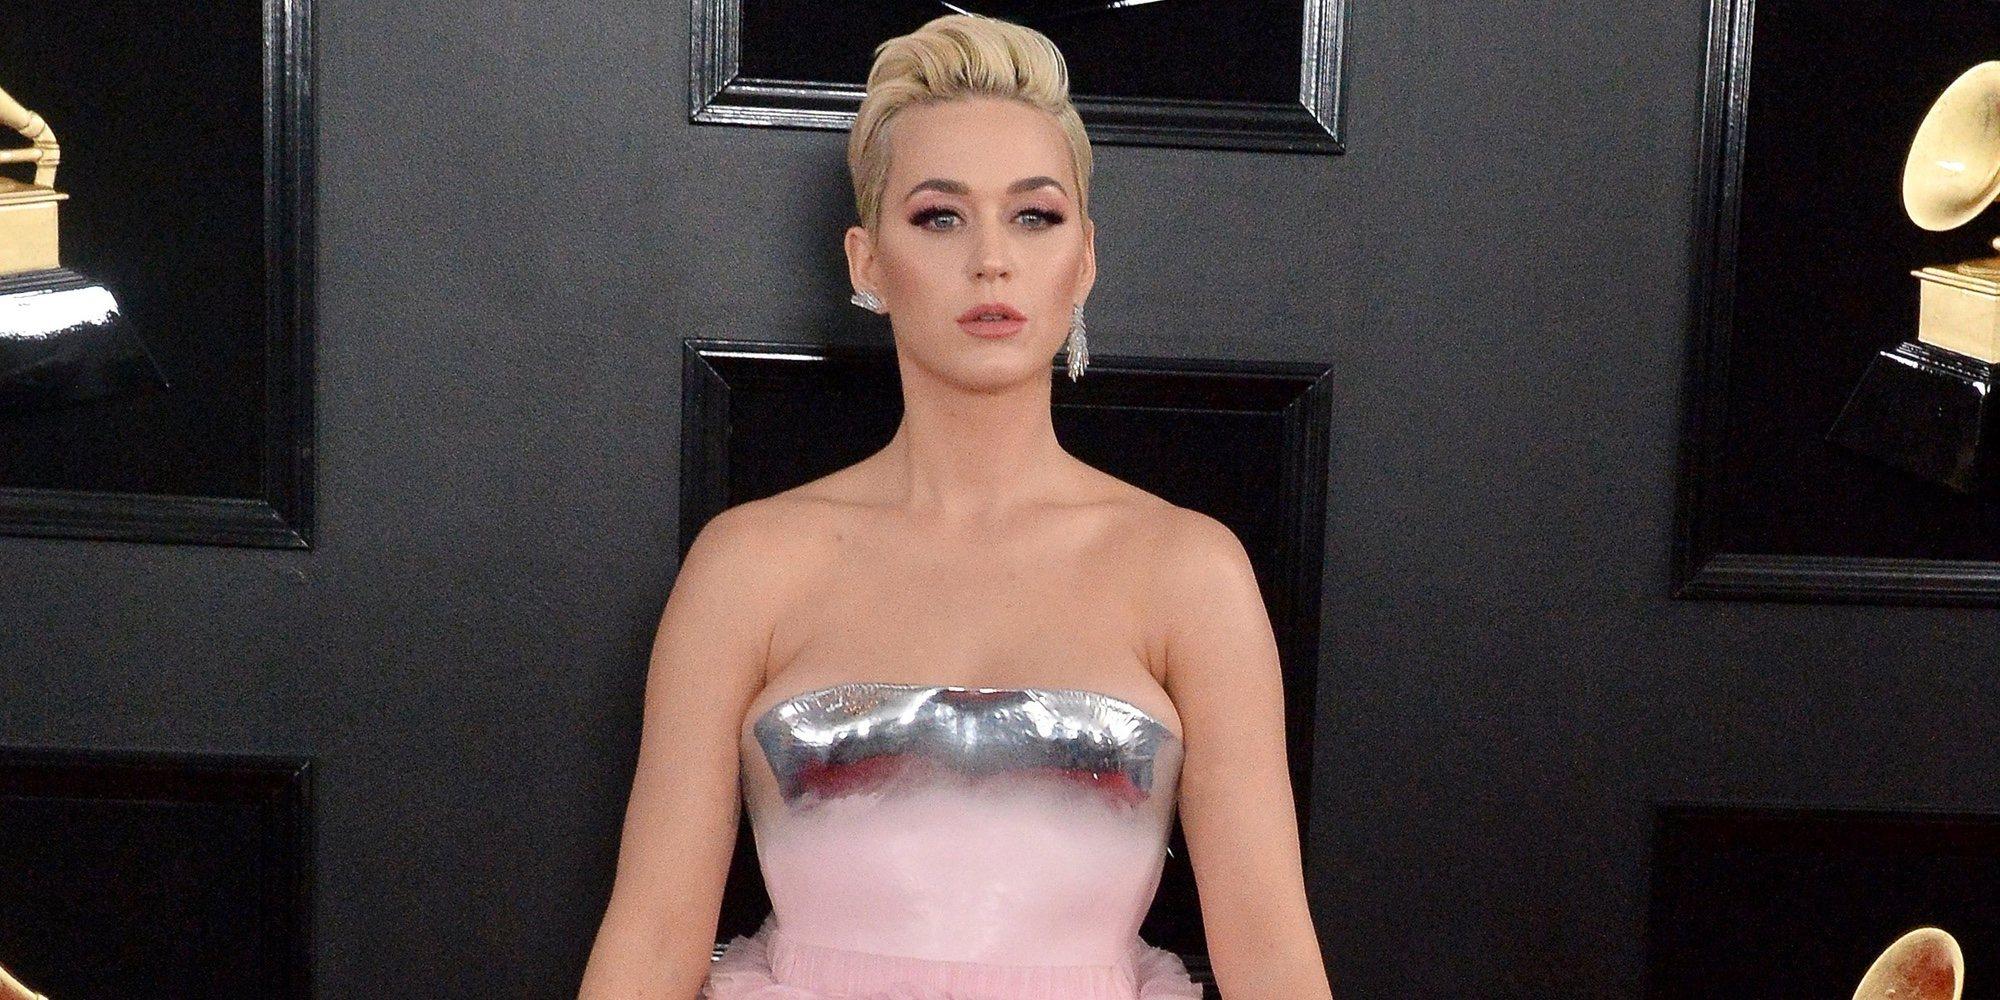 El excéntrico truco antiedad con enemas de Katy Perry